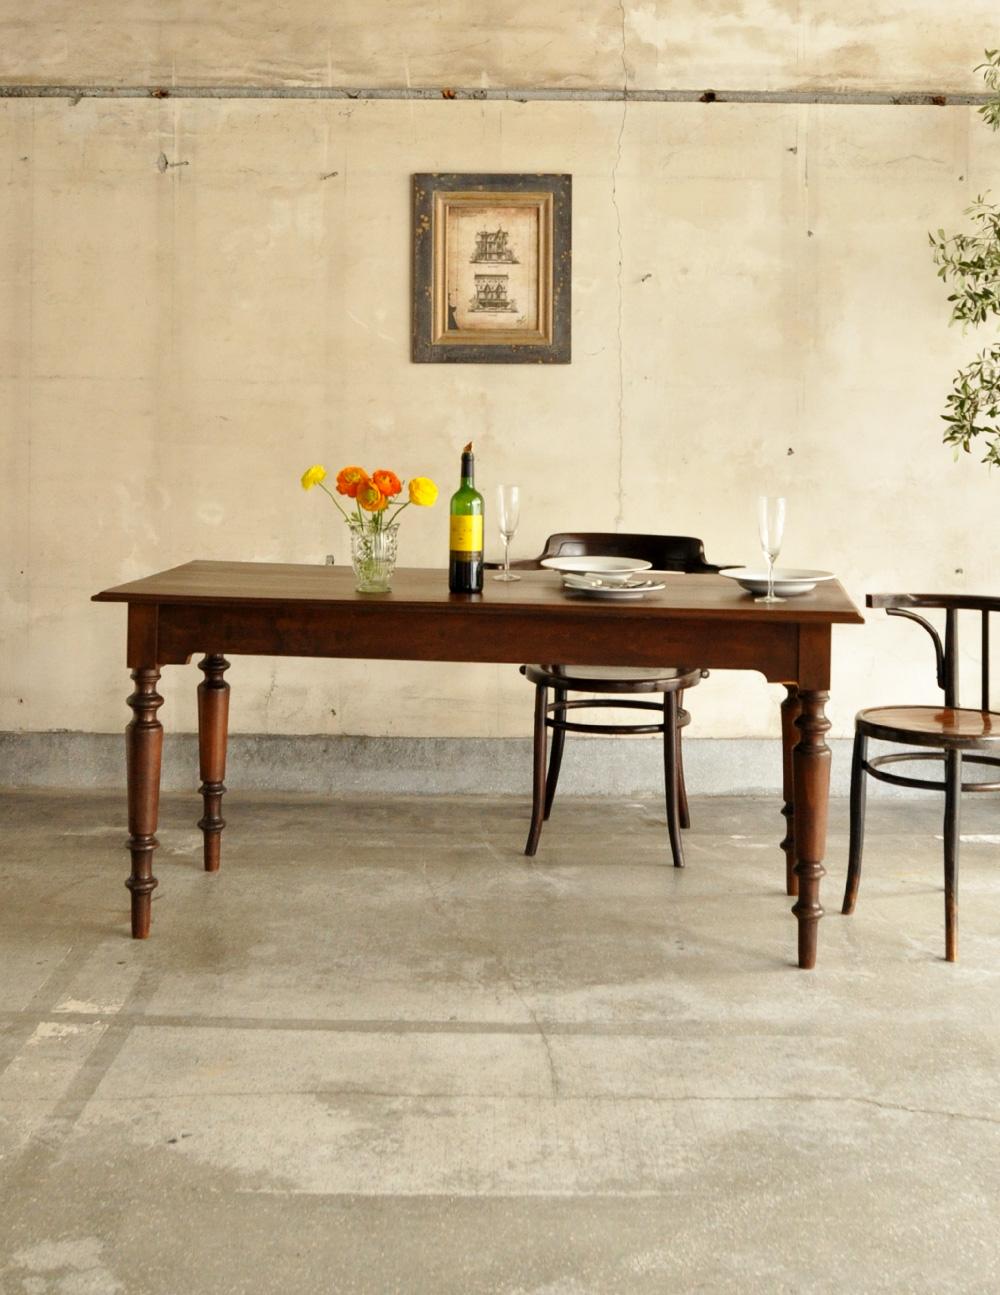 フランスのアンティーク家具、大人4〜6人で使えるダイニングテーブル(x